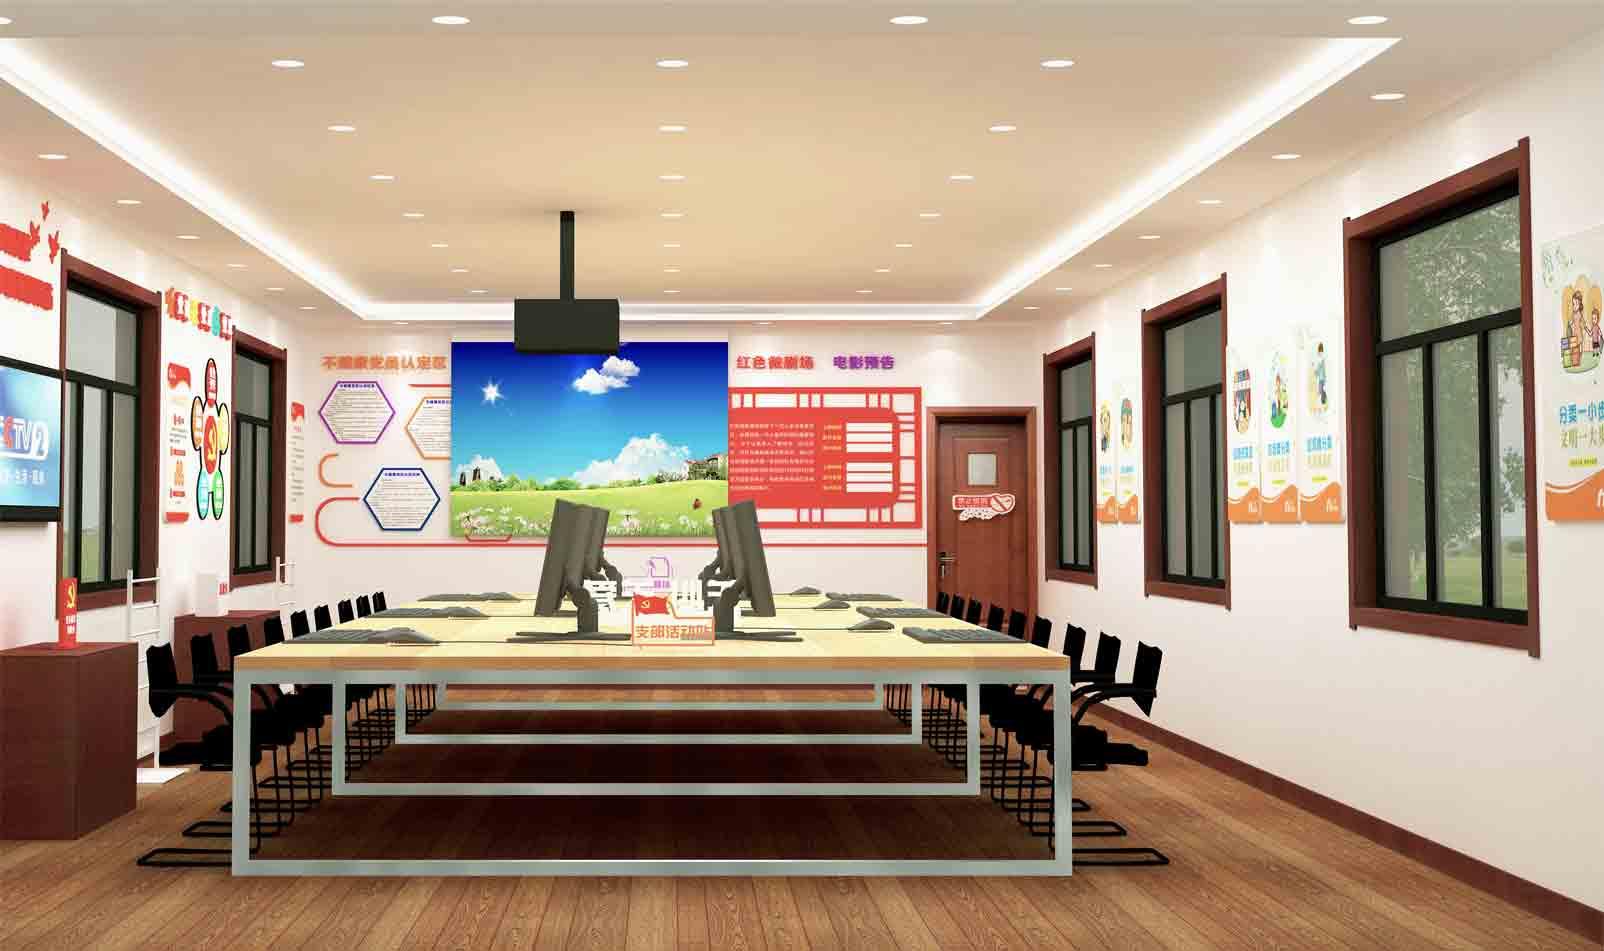 柳营路红色会客厅建设西安活动策划